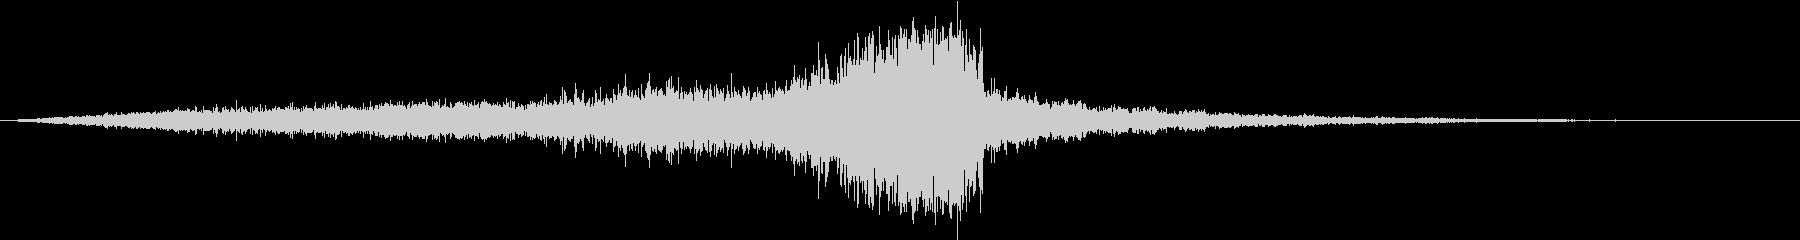 CINEMATICサウンドのライザーの未再生の波形